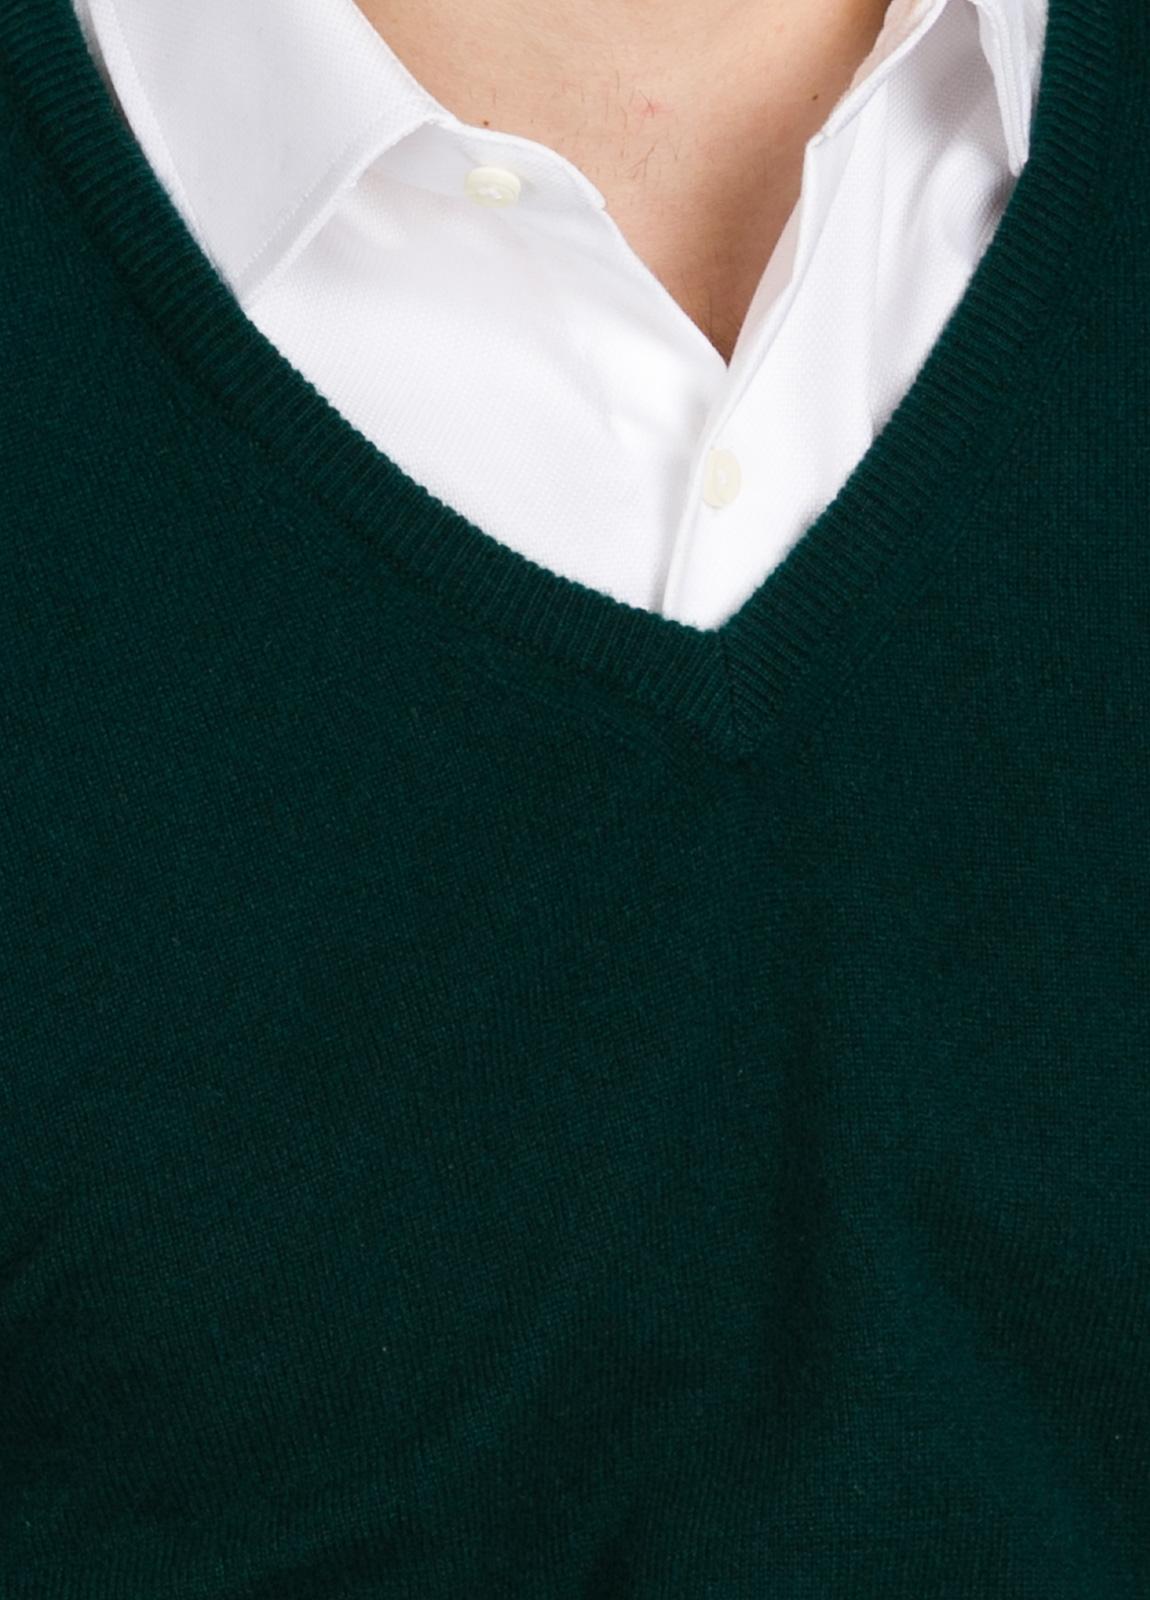 Jersey liso cuello pico color verde, cashmere 100%. - Ítem1